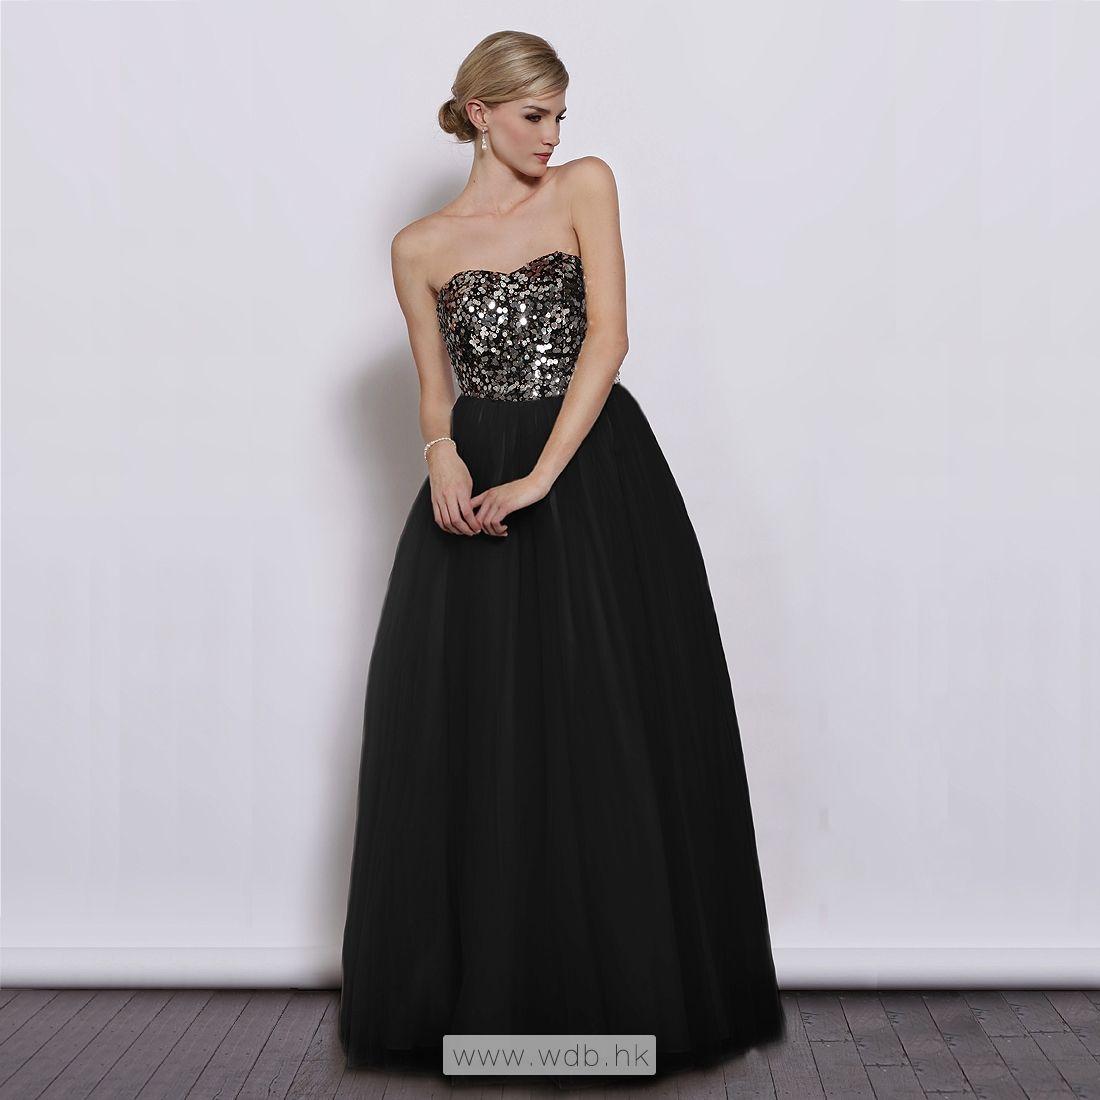 Sweetheart sequin top with aline tulle skirt floorlength dress